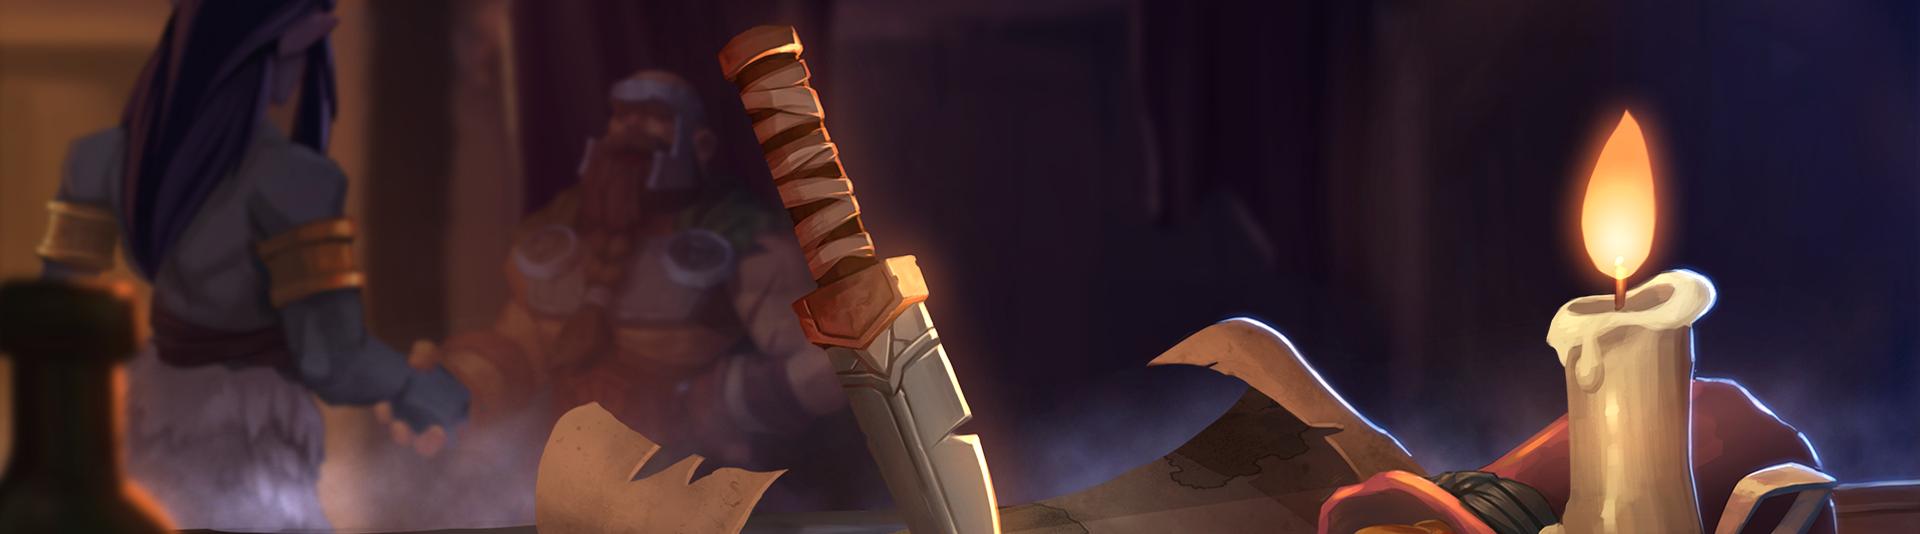 Northgard Kröwns & Daggers Update